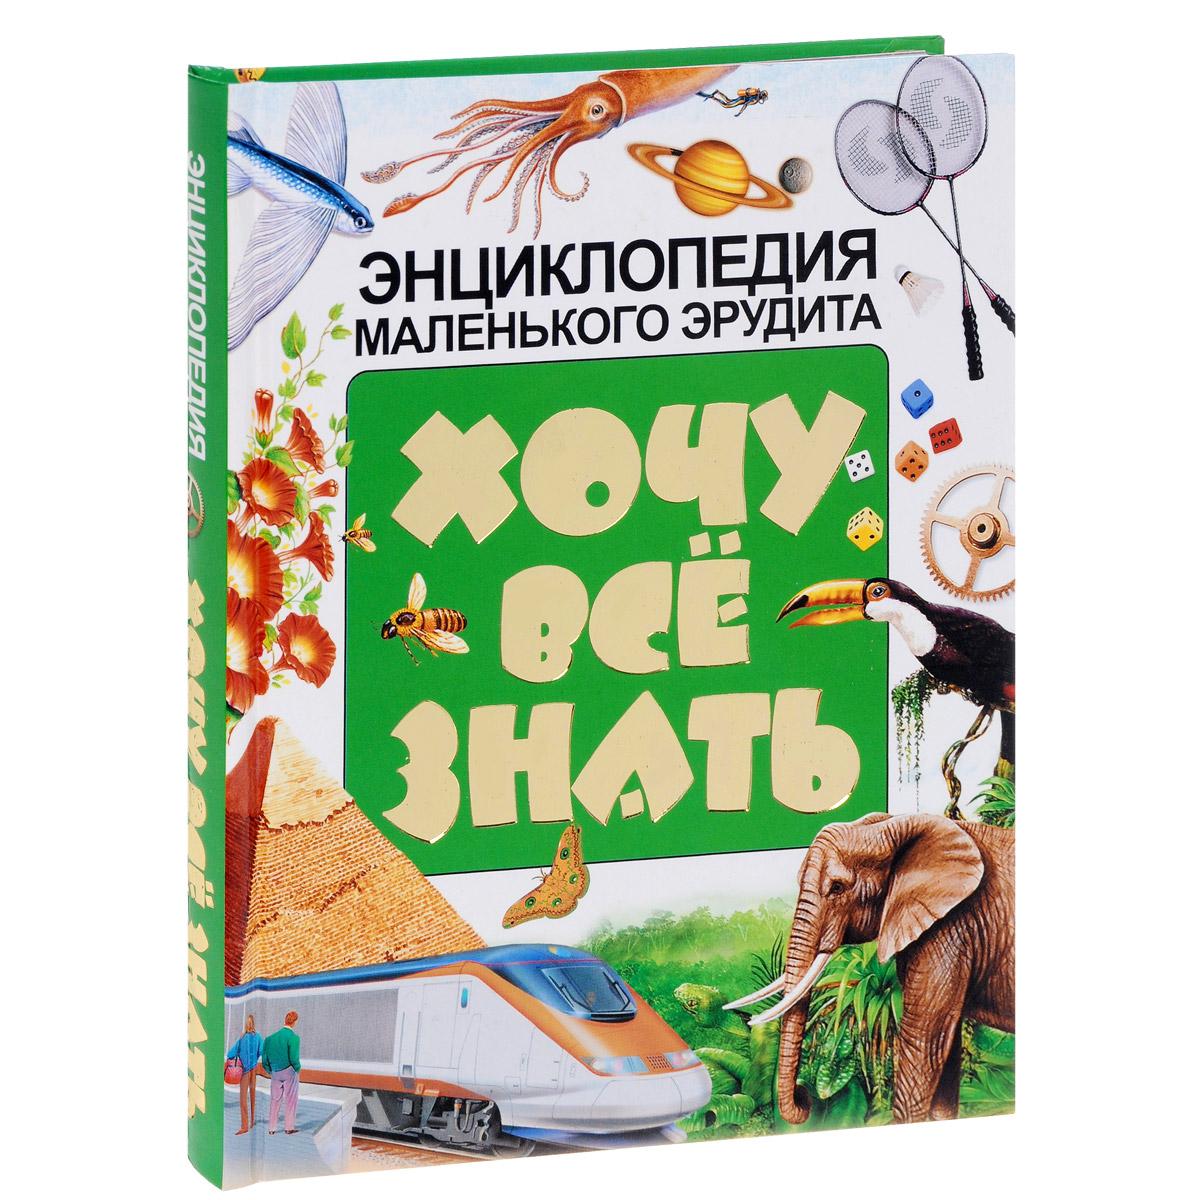 Zakazat.ru Хочу все знать. Энциклопедия маленького эрудита.